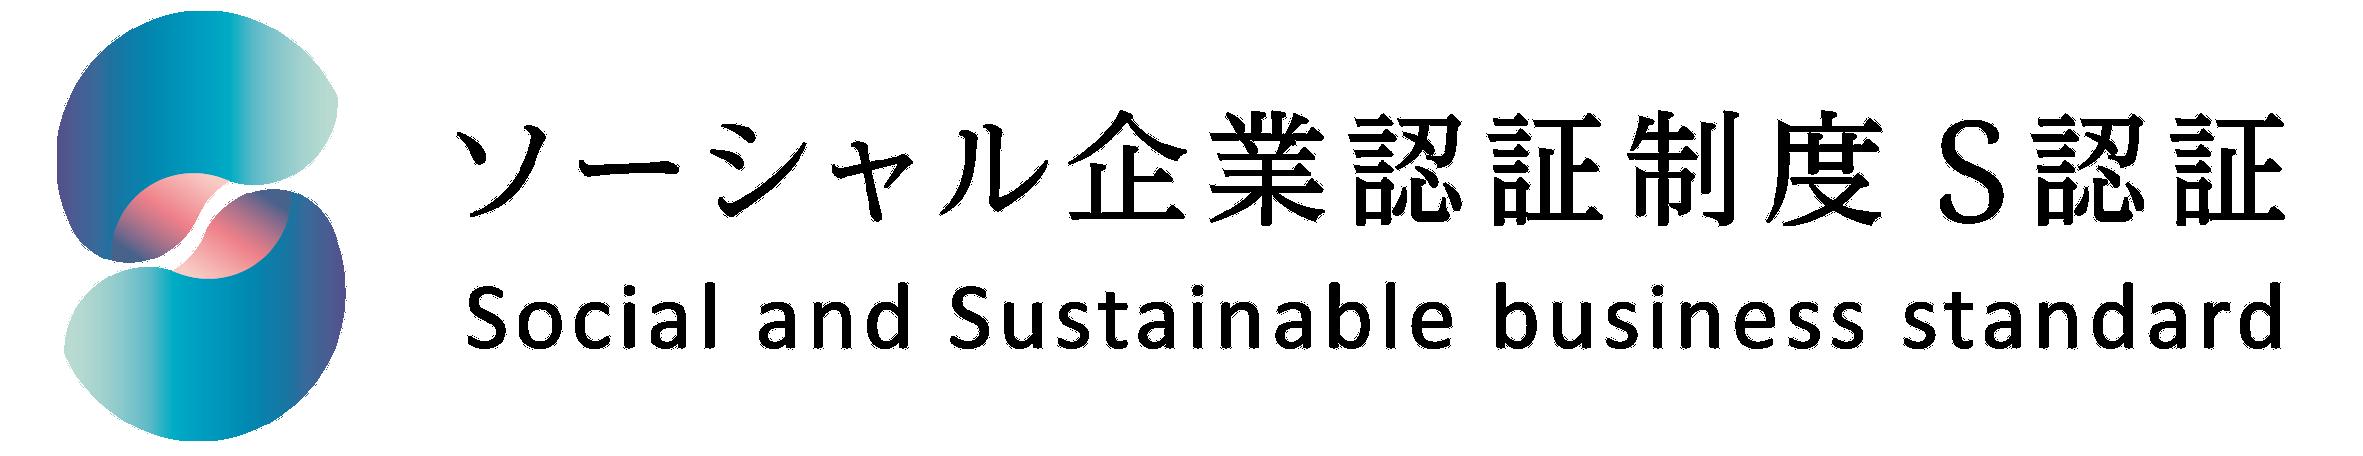 ソーシャル企業認証制度S認証